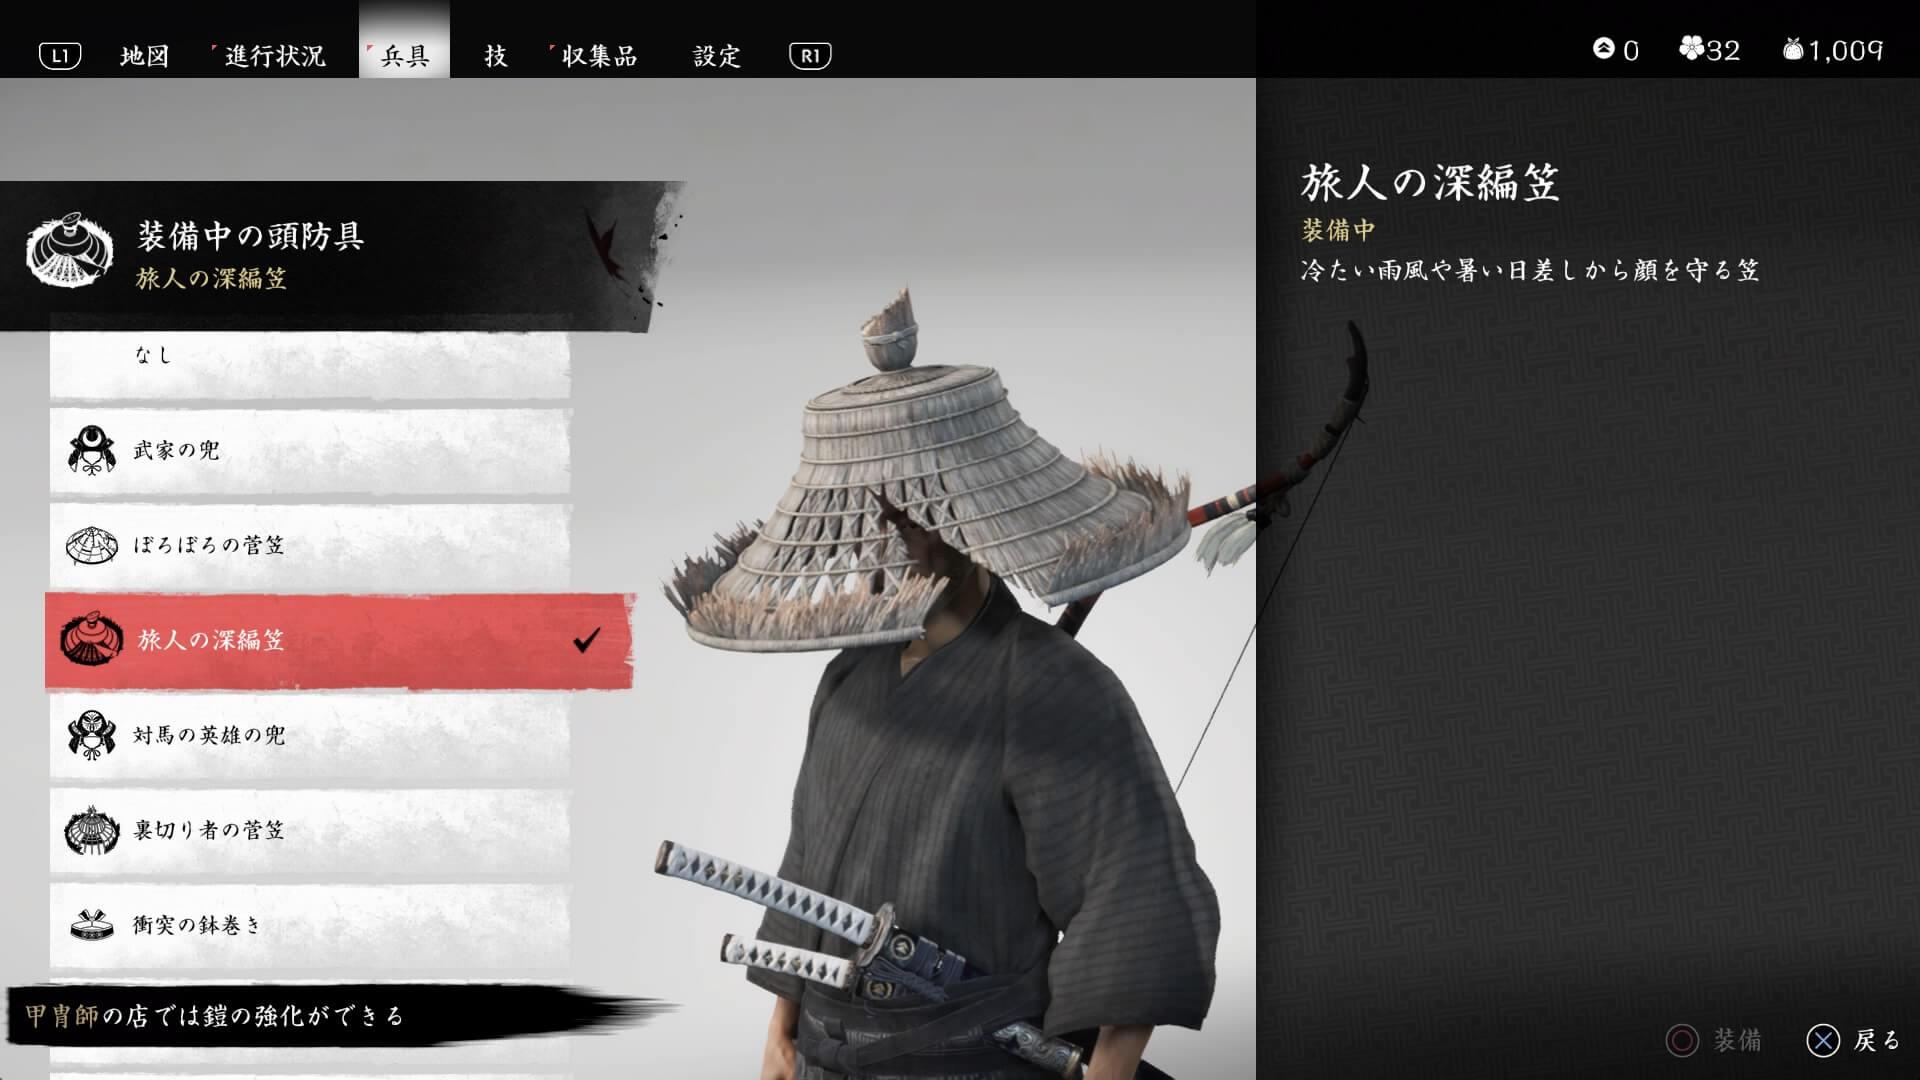 ゴーストオブツシマ:旅人の深編笠の入手方法【破れてないカッコいい笠】